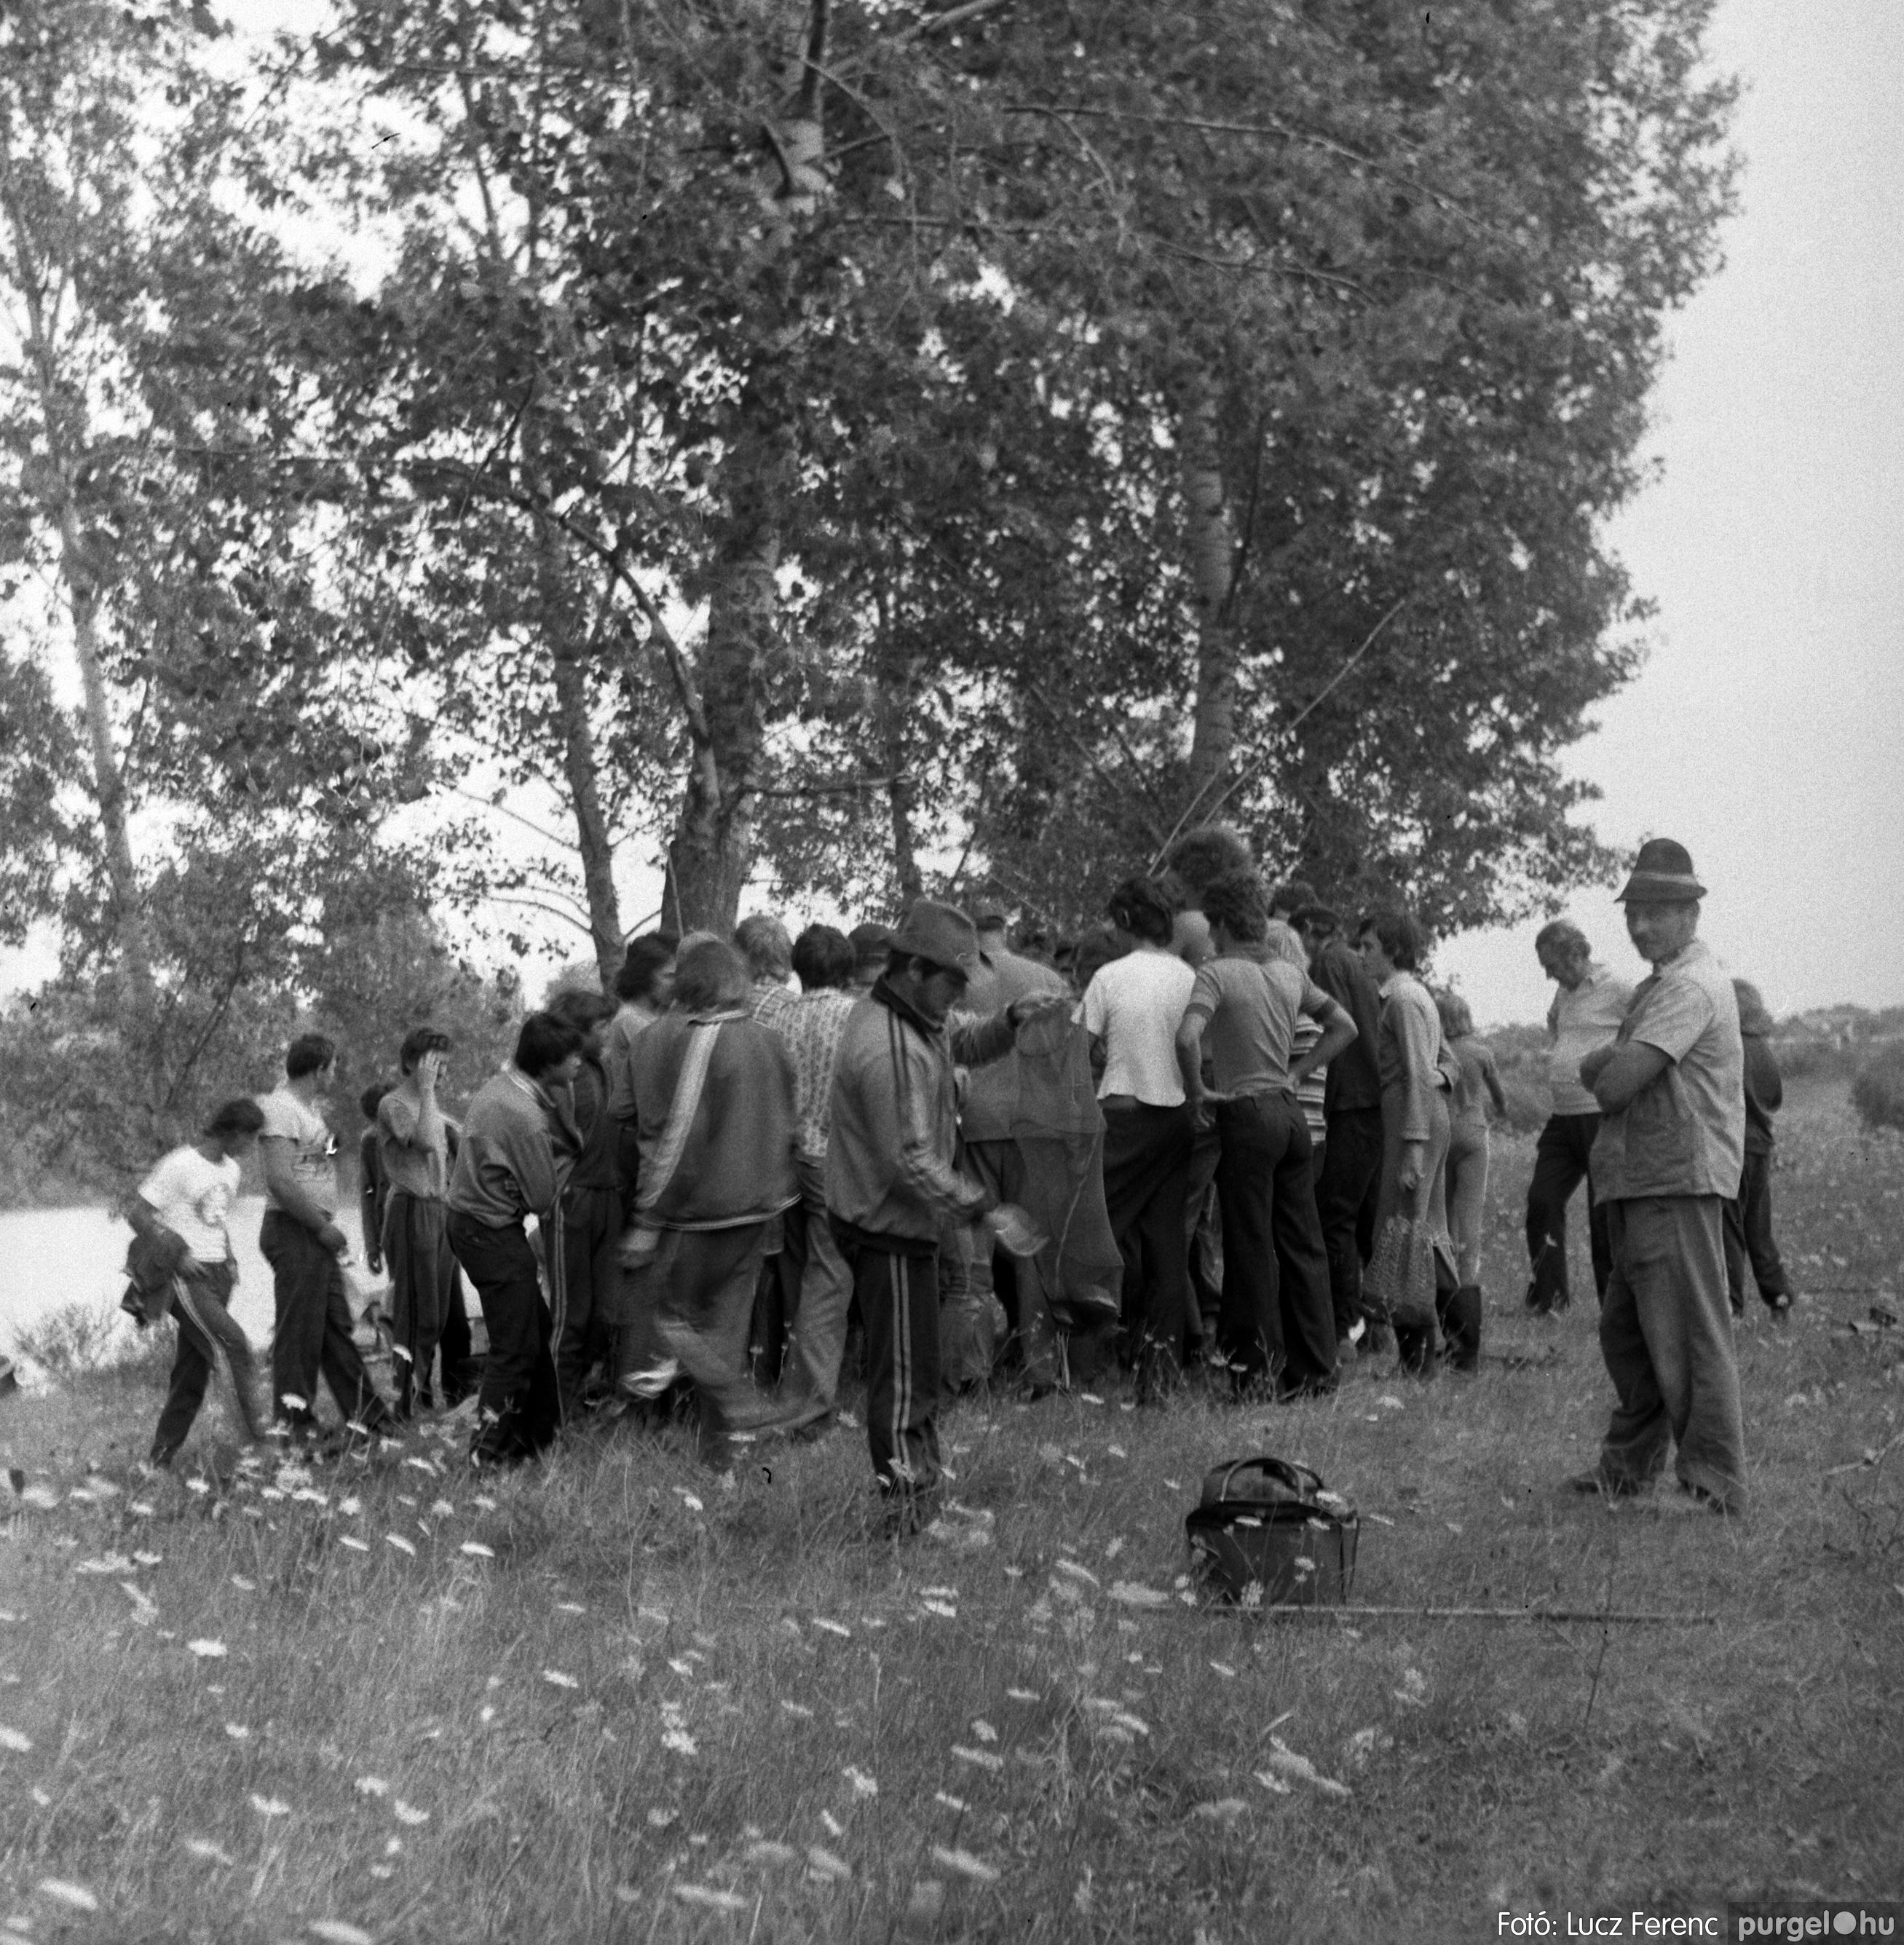 078. 1978. Horgászverseny 003. - Fotó: Lucz Ferenc.jpg